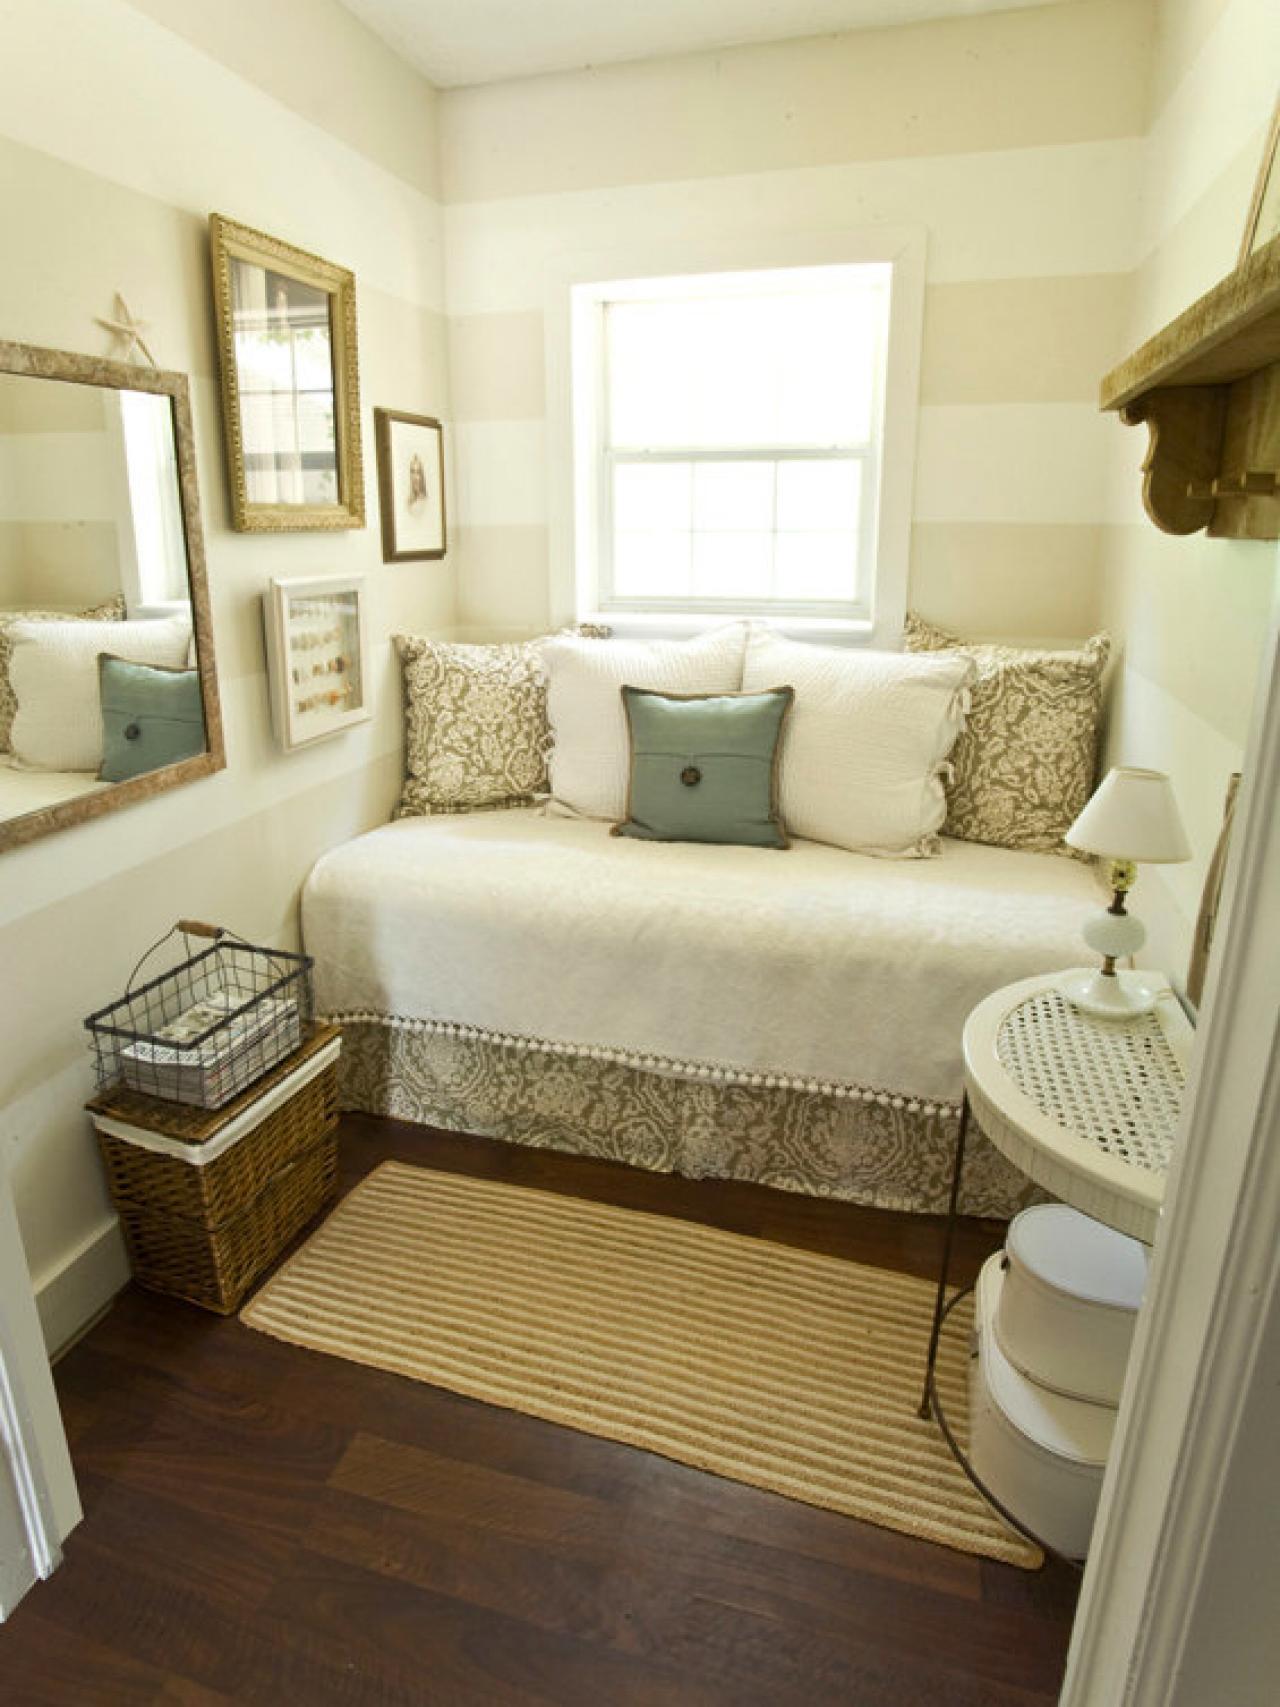 La iluminación natural en una habitación crea más espacio